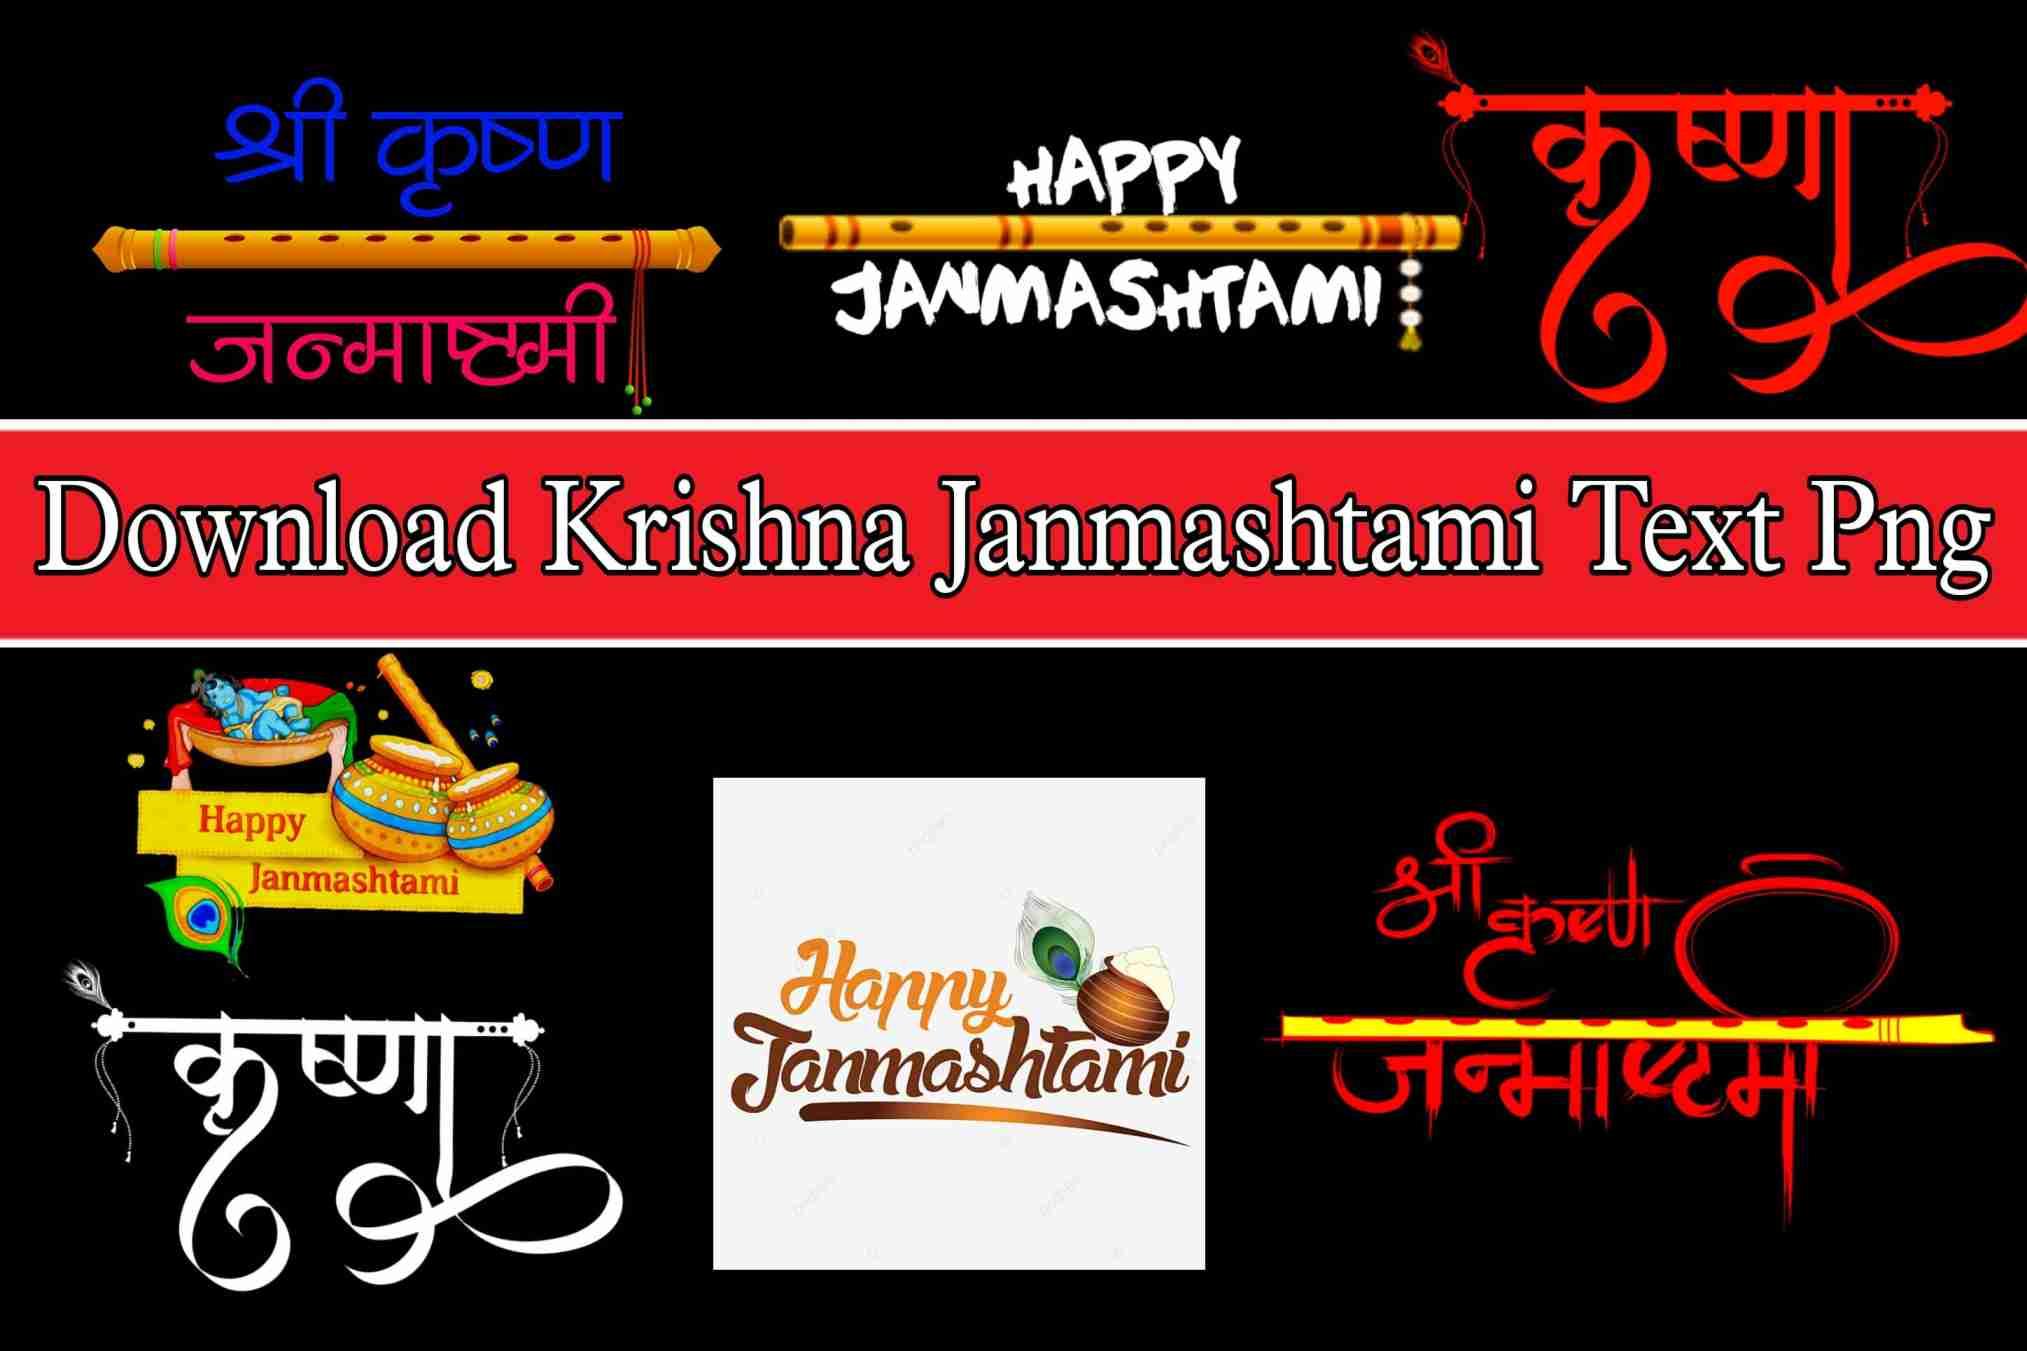 jamashtami text png download